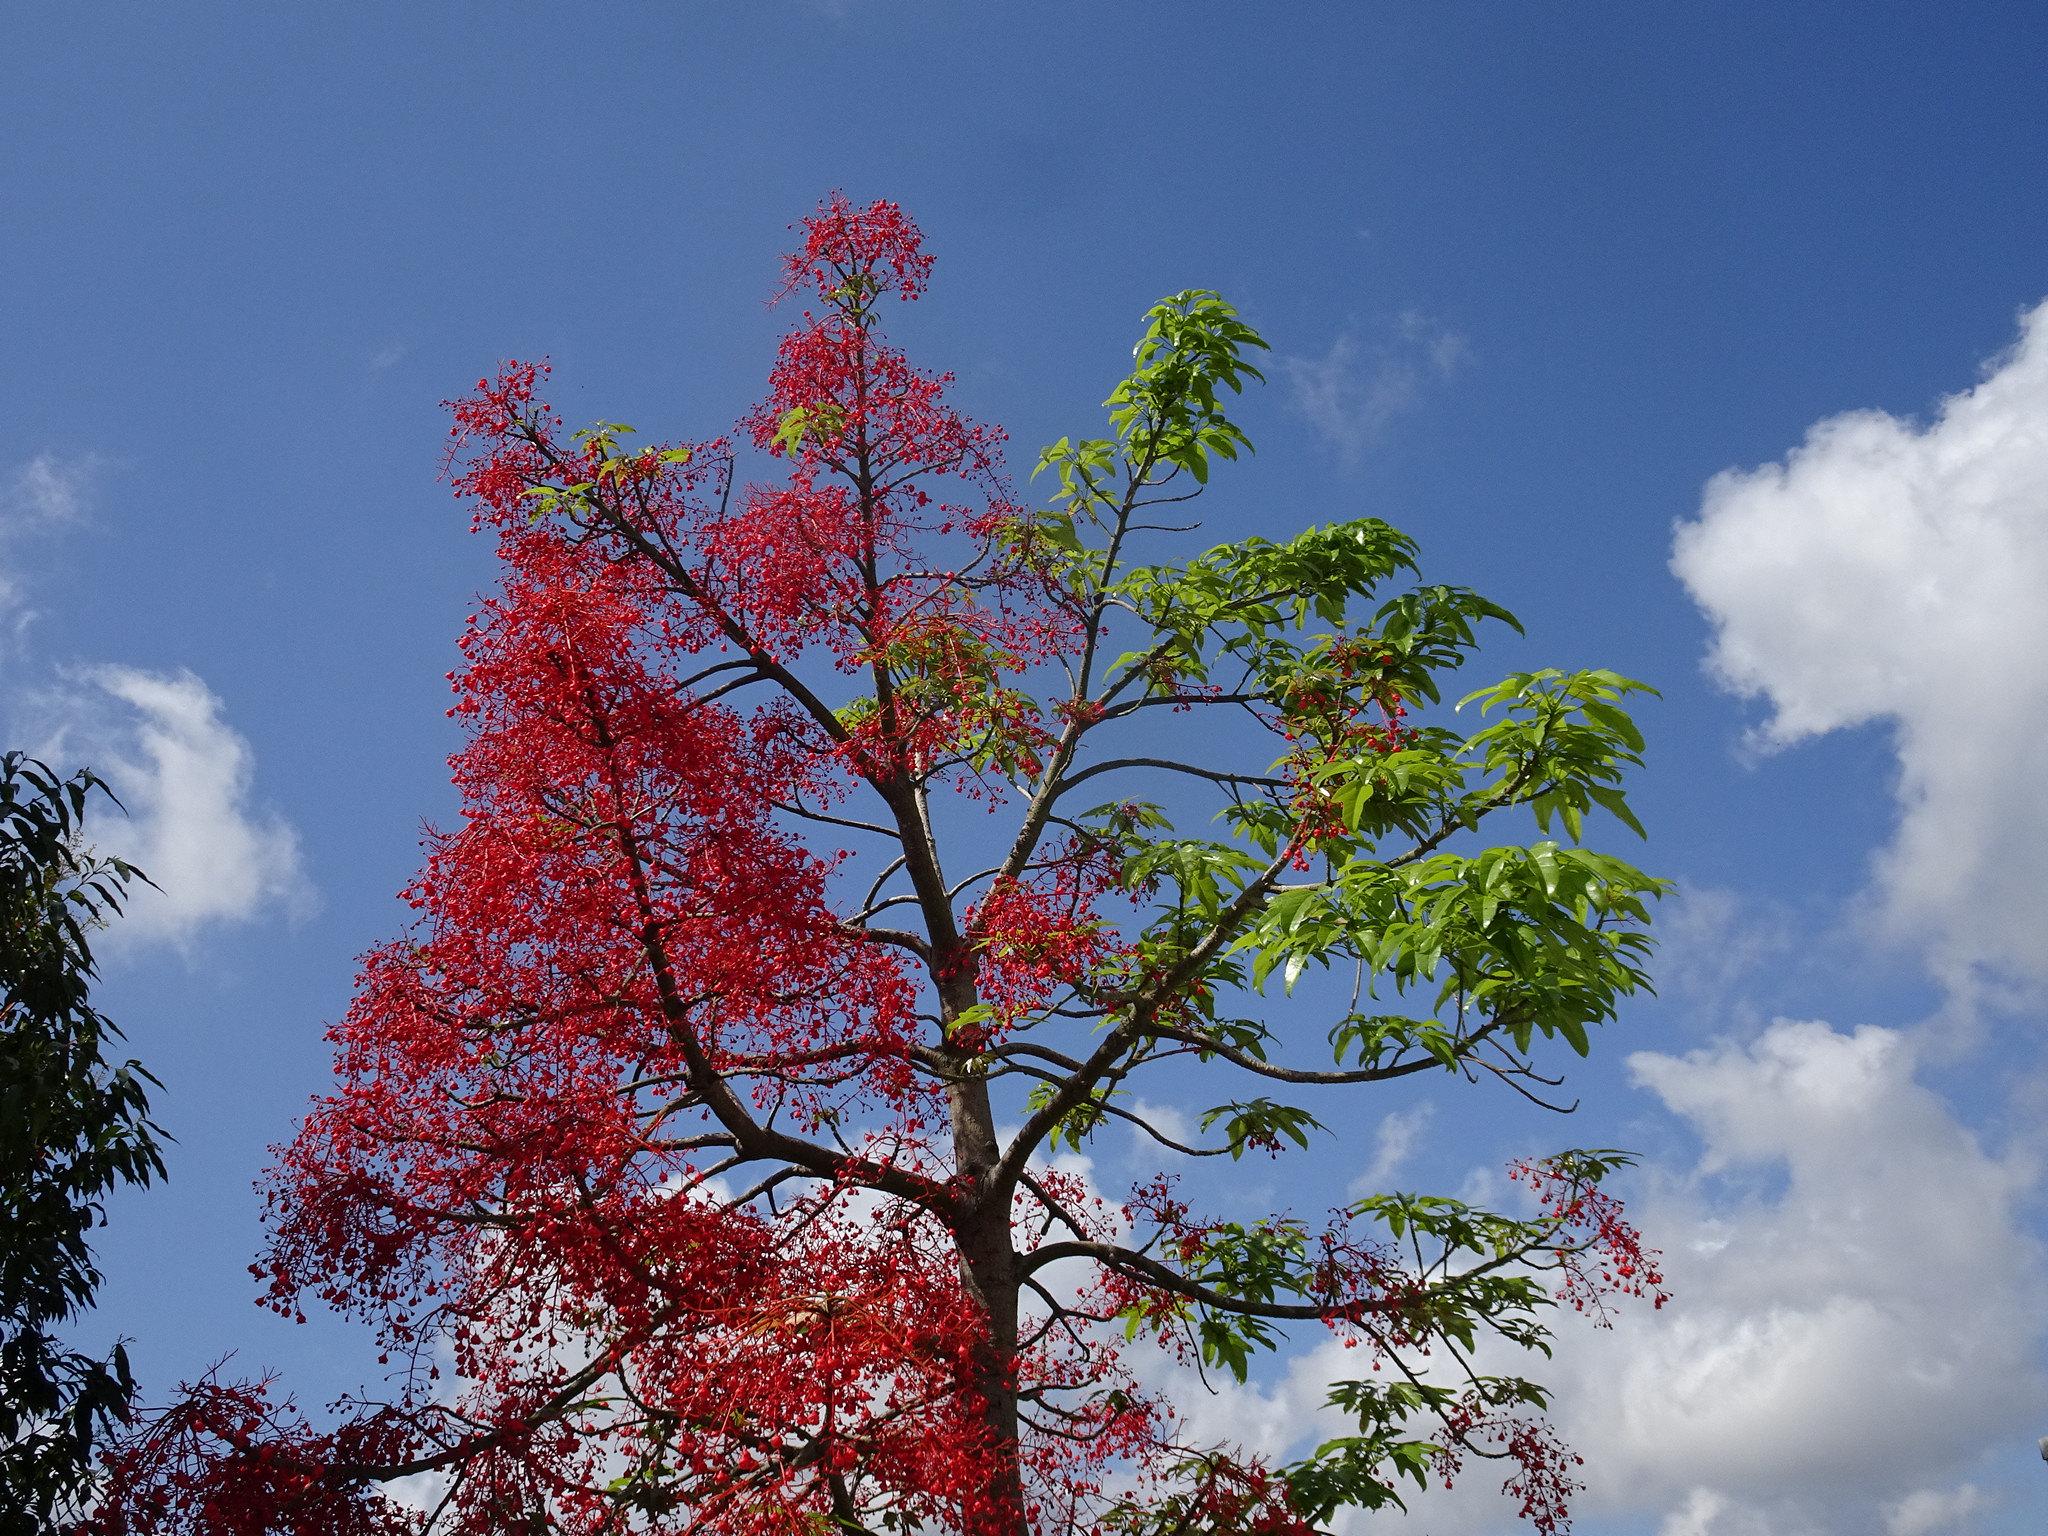 El árbol de fuego es un árbol muy bonito